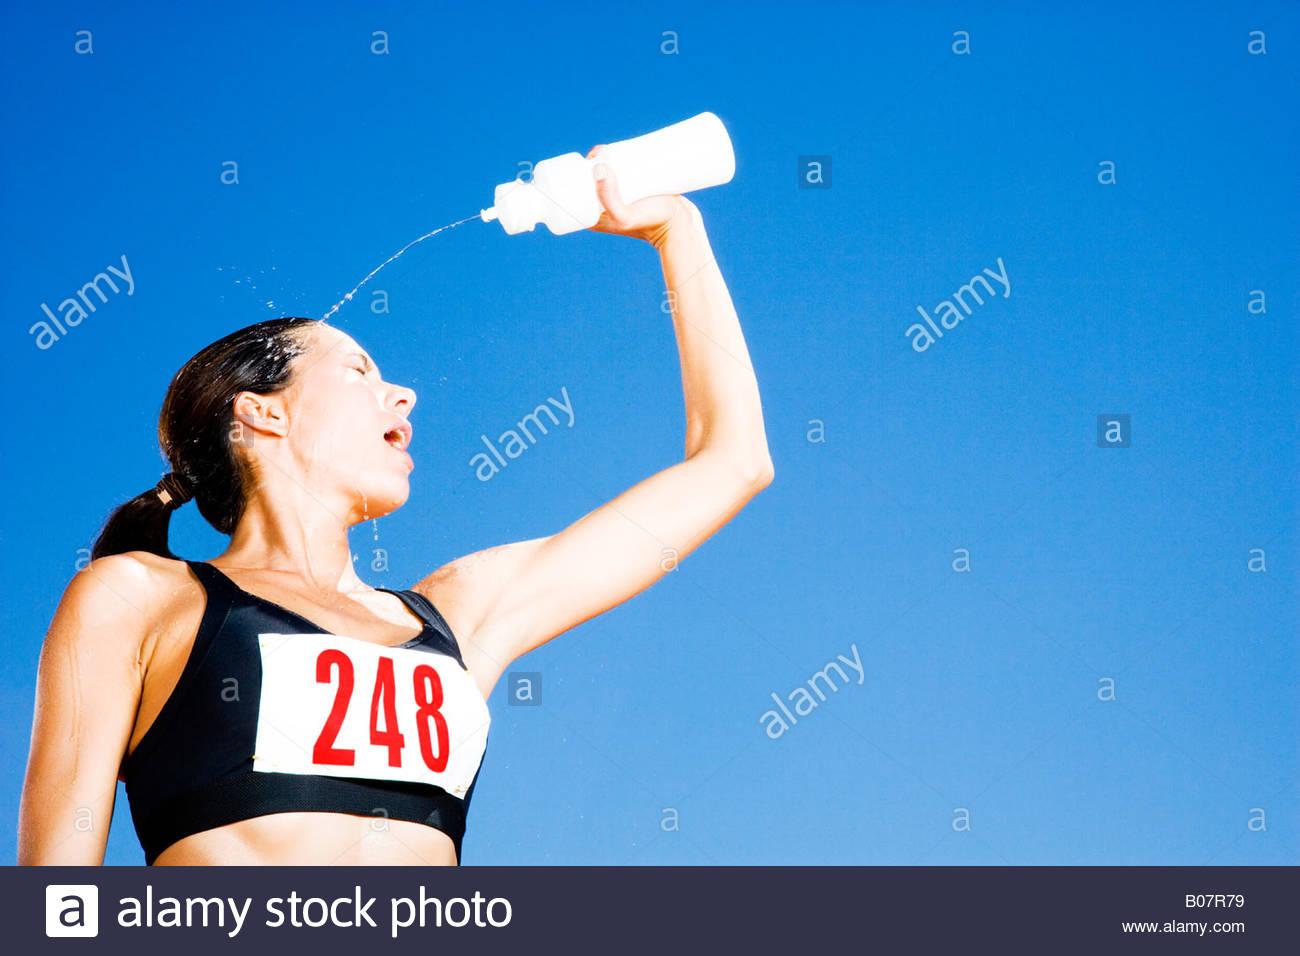 Porträt eines weiblichen Athleten Form eine Flasche Wasser trinken Stockbild